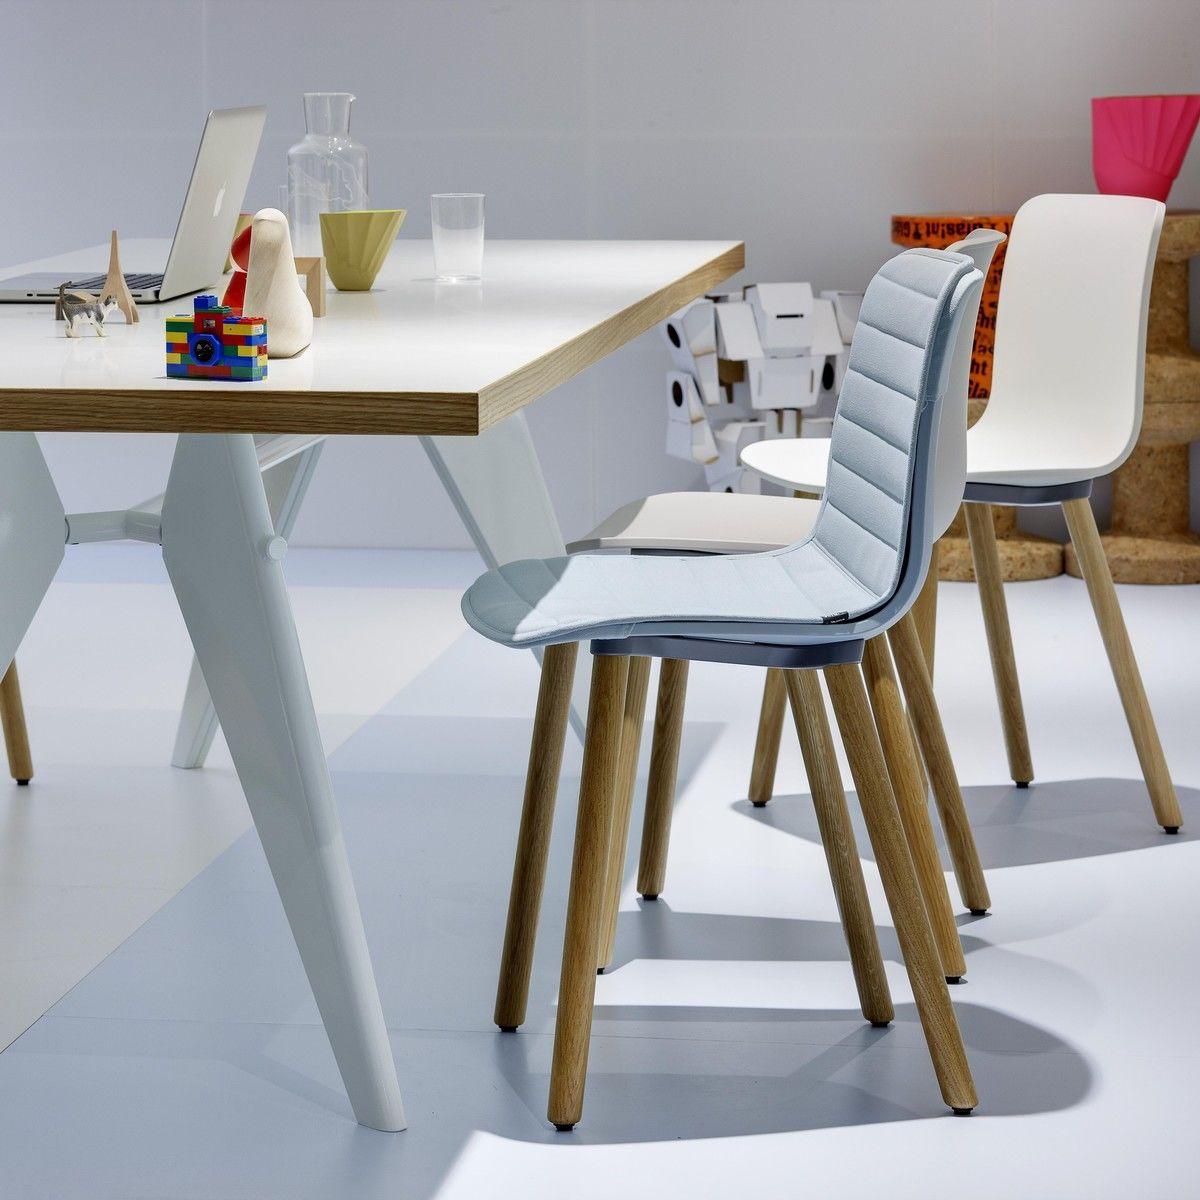 Hal Wood Chair Vitra AmbienteDirectcom : none1200x1200 ID94669 f4343eb923dba9176744b5a00a506f80 from www.ambientedirect.com size 1200 x 1200 jpeg 183kB